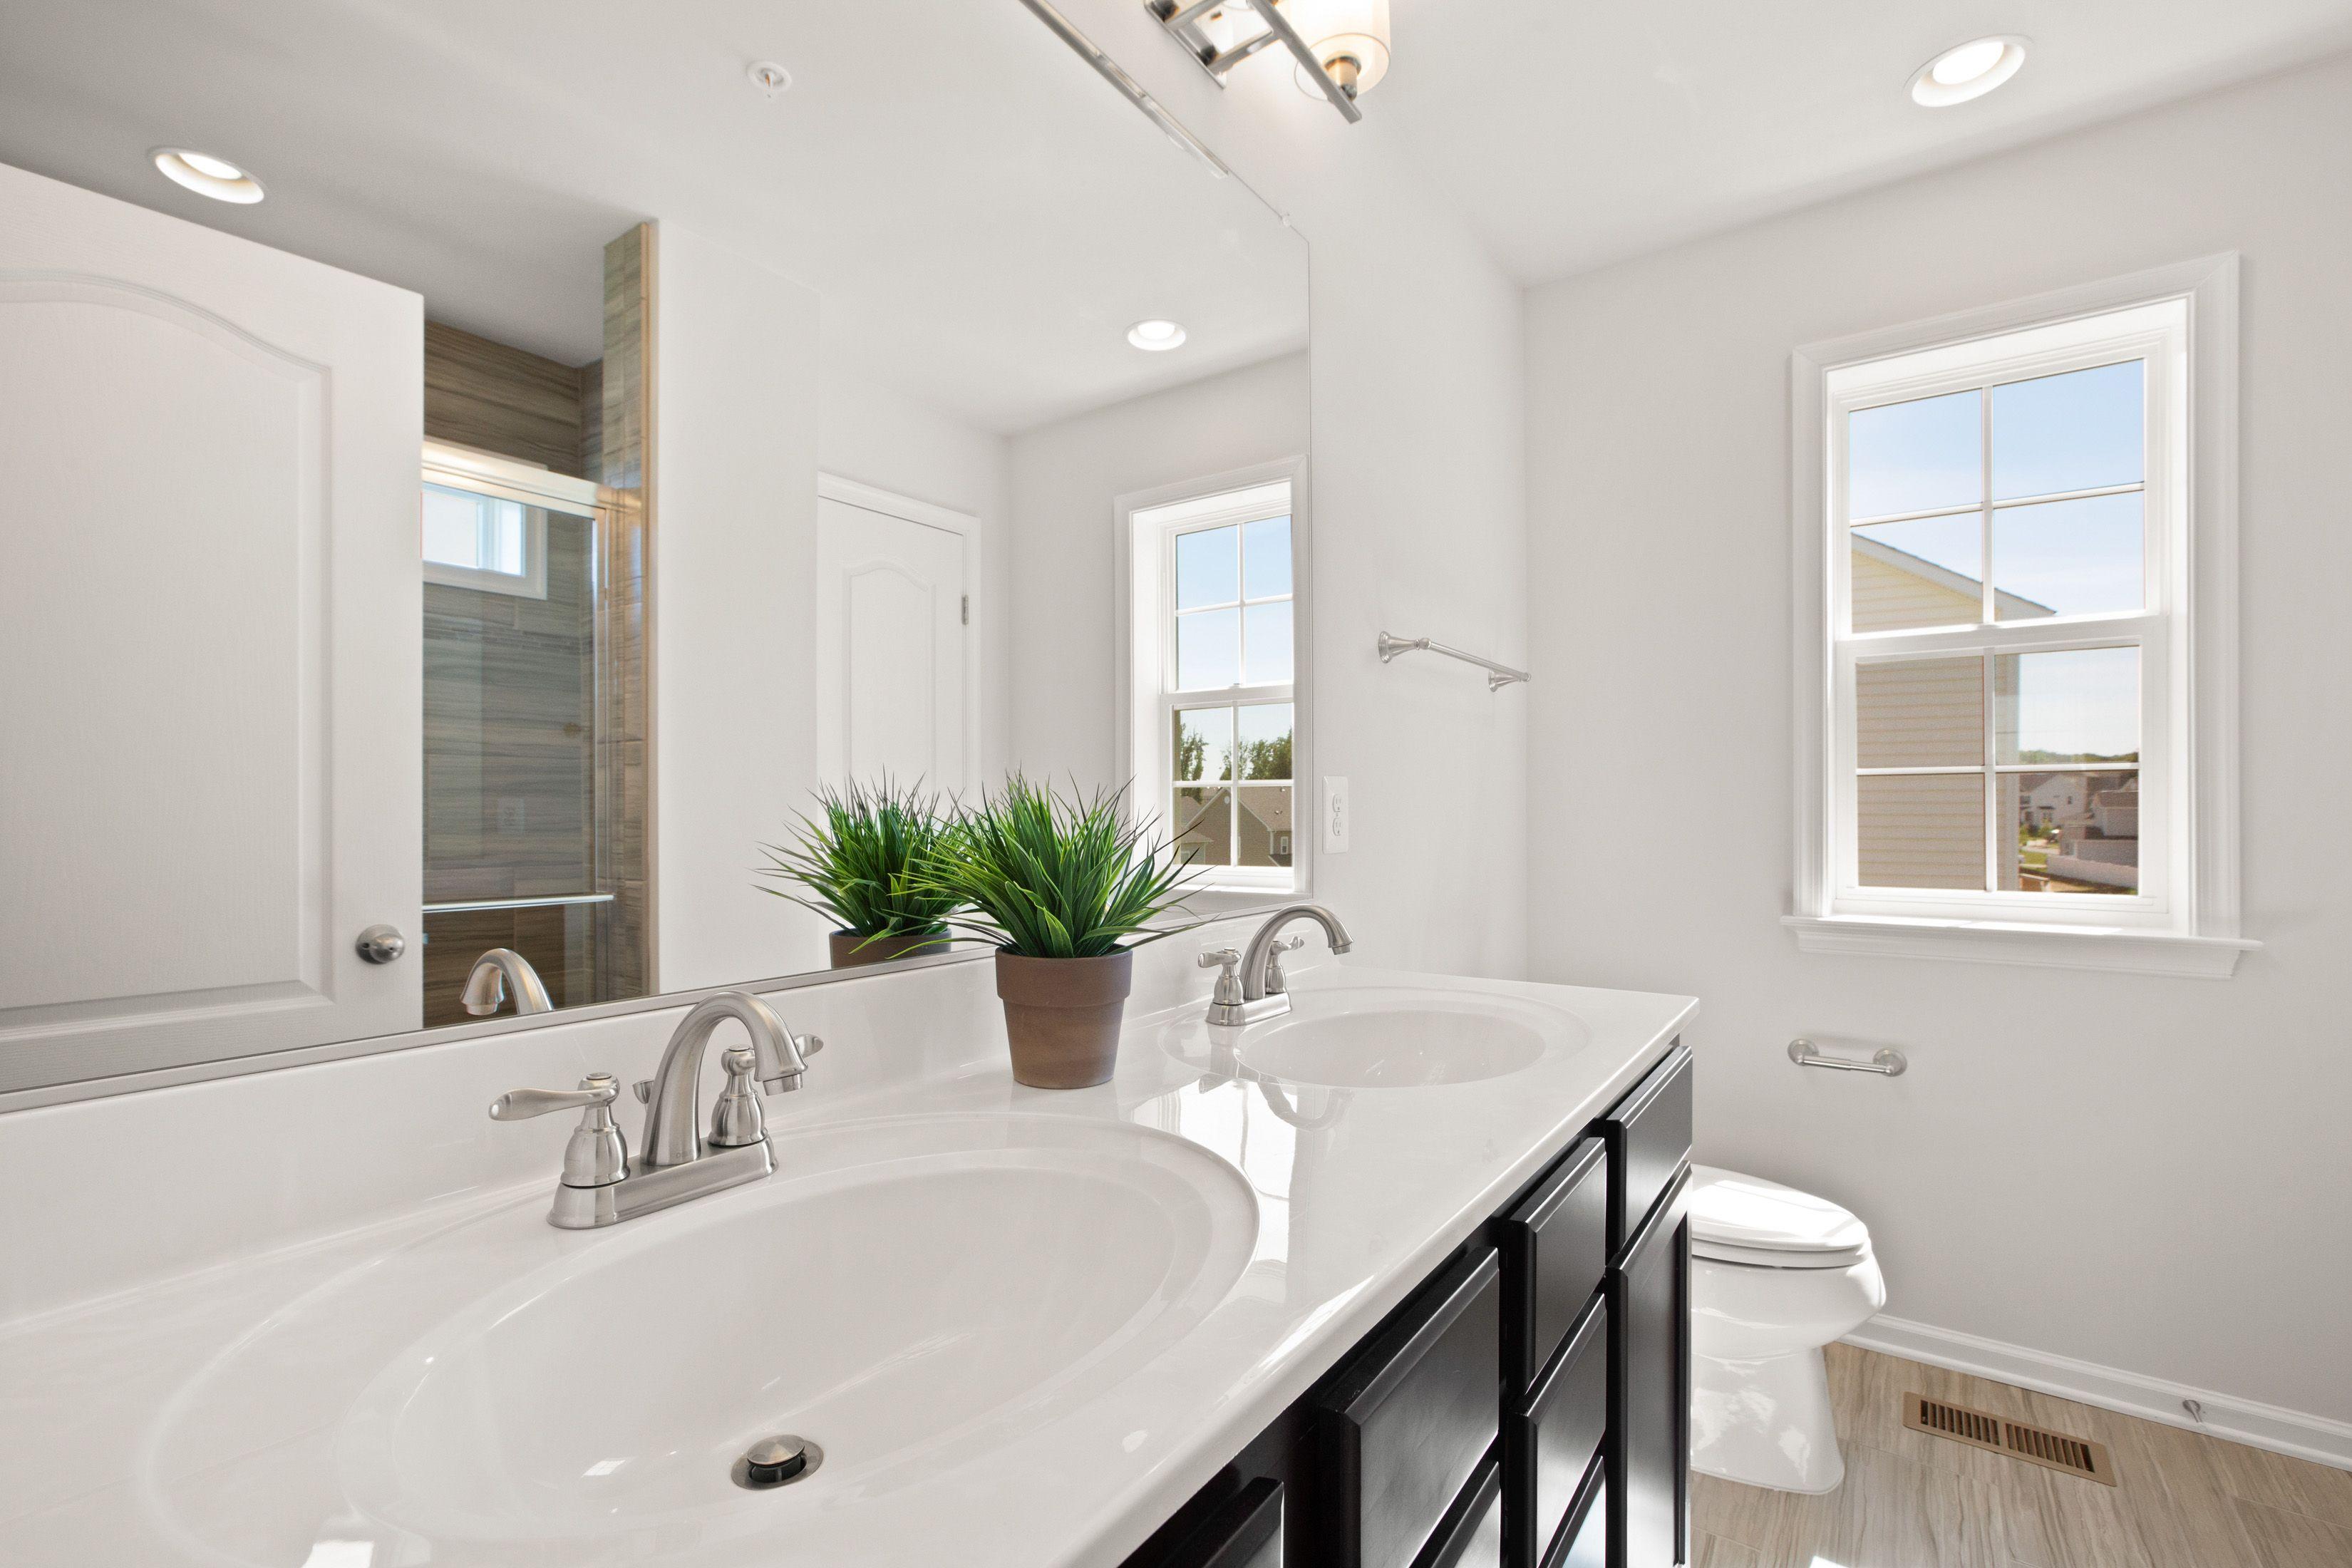 Bathroom featured in the Newbury II By Dan Ryan Builders in Hagerstown, MD